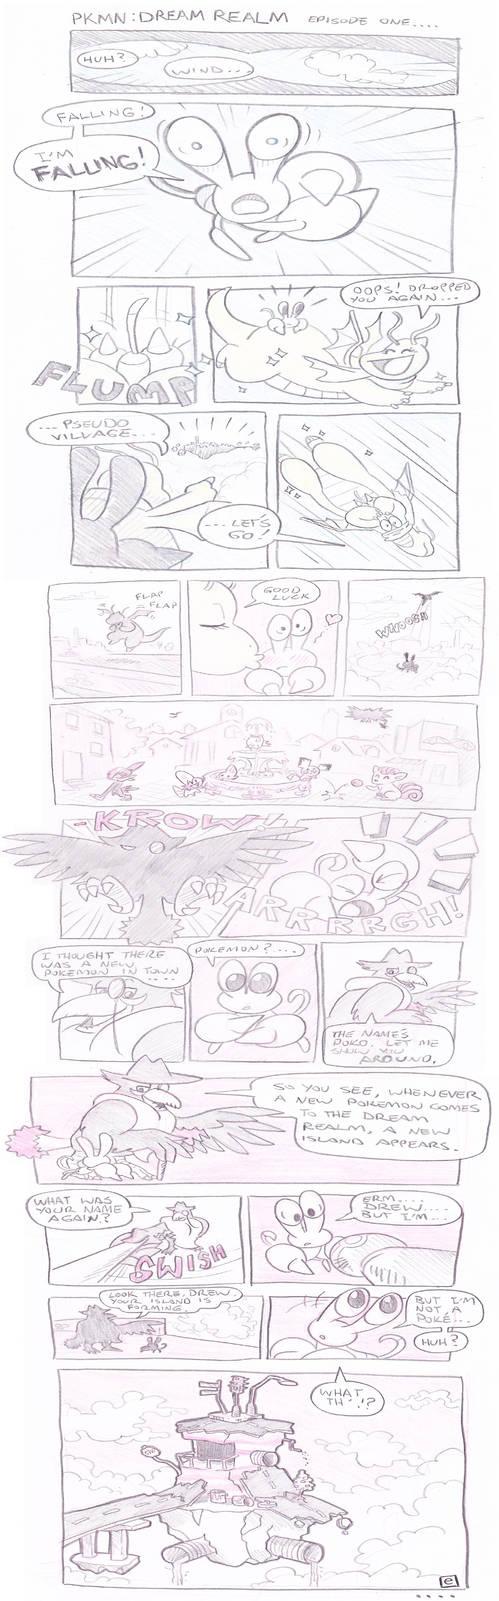 Pokemon Dream Realm Episode 1